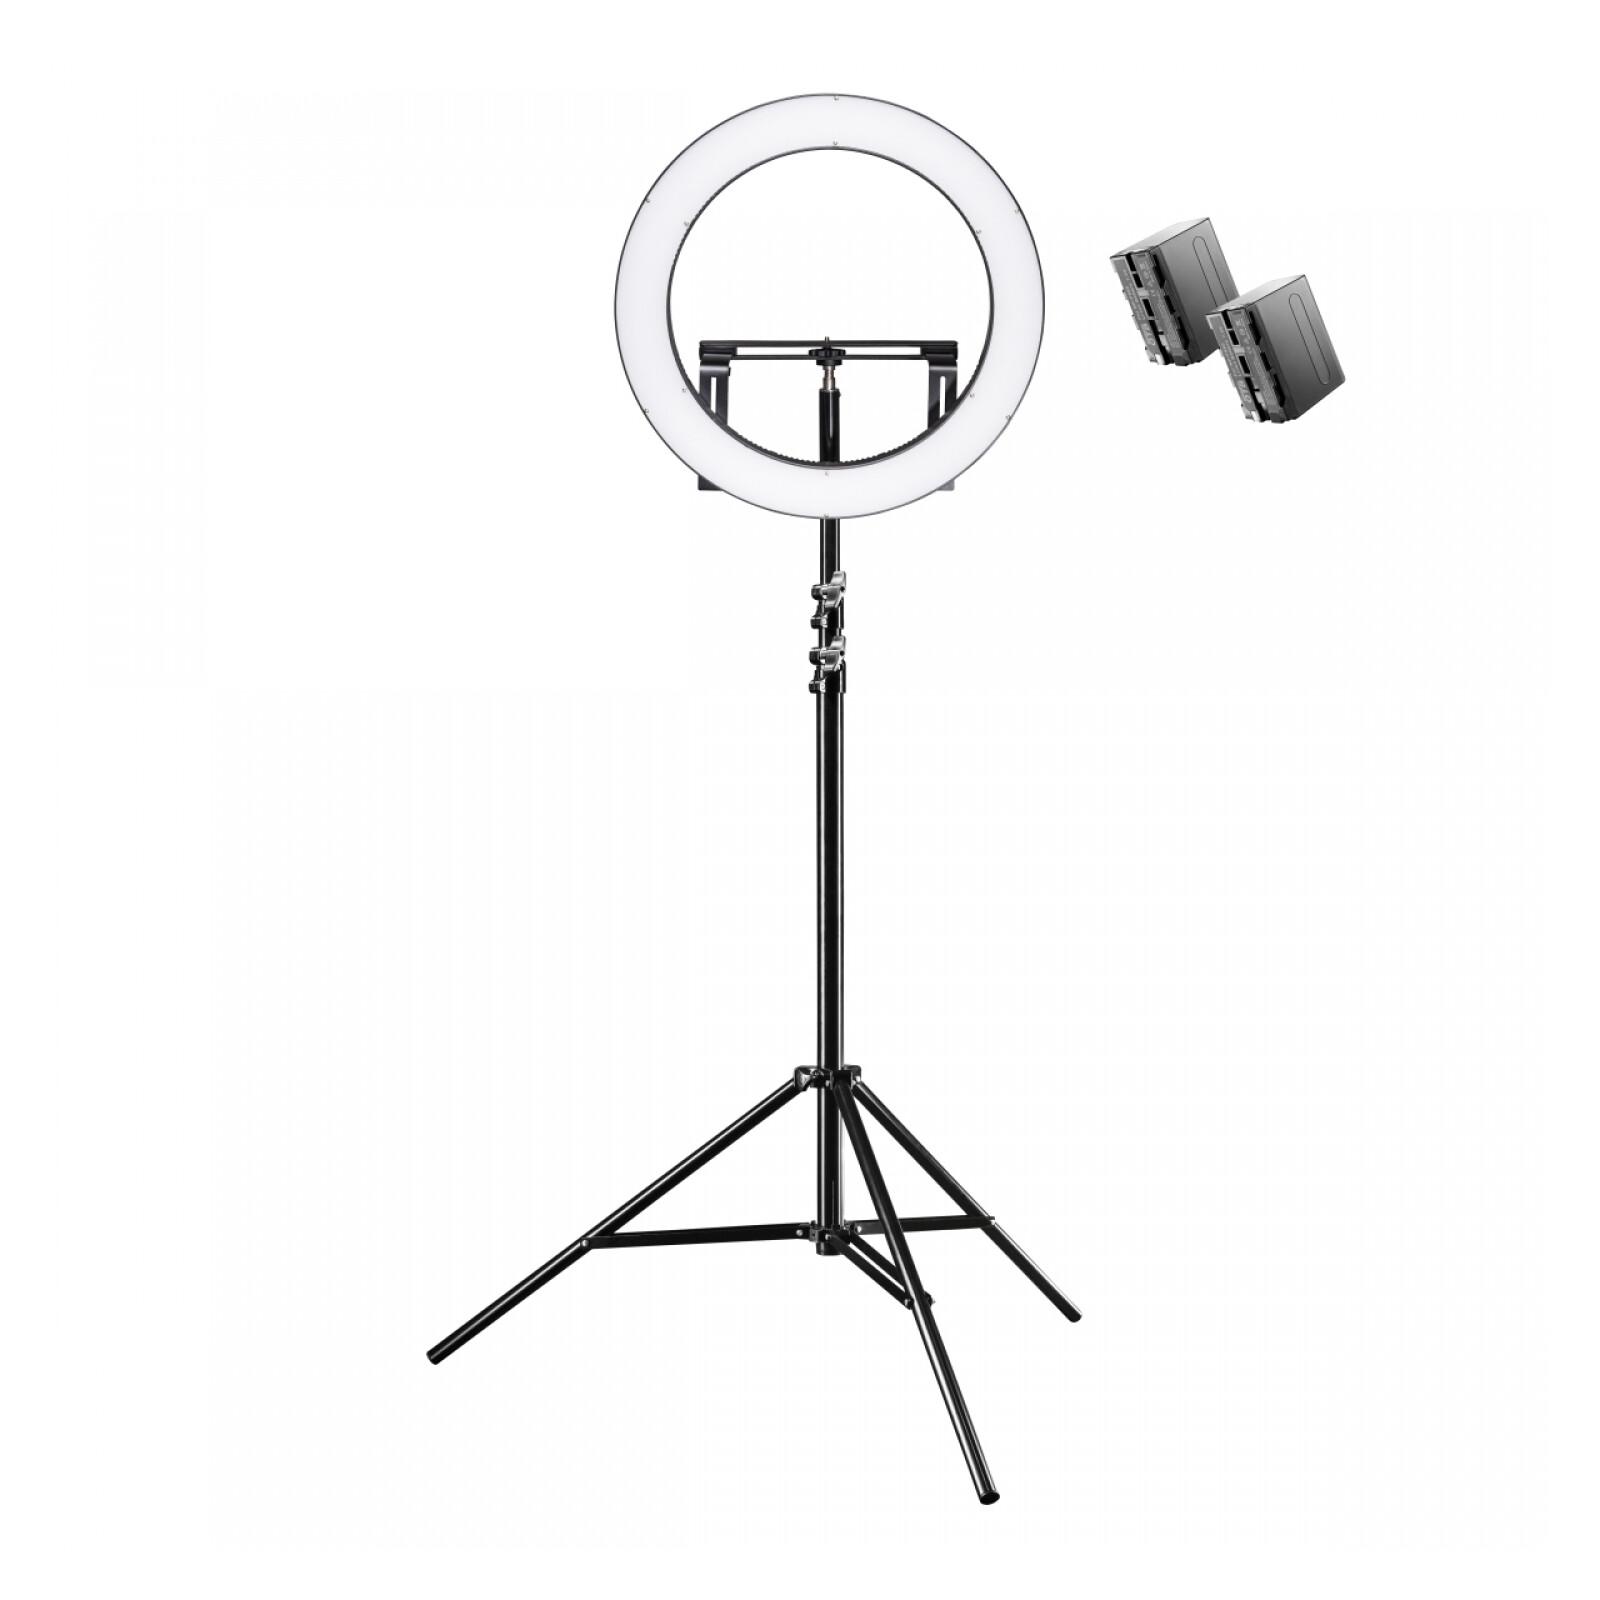 Walimex pro LED Ringleuchte 500 Bi Color Set inkl. Lampensta